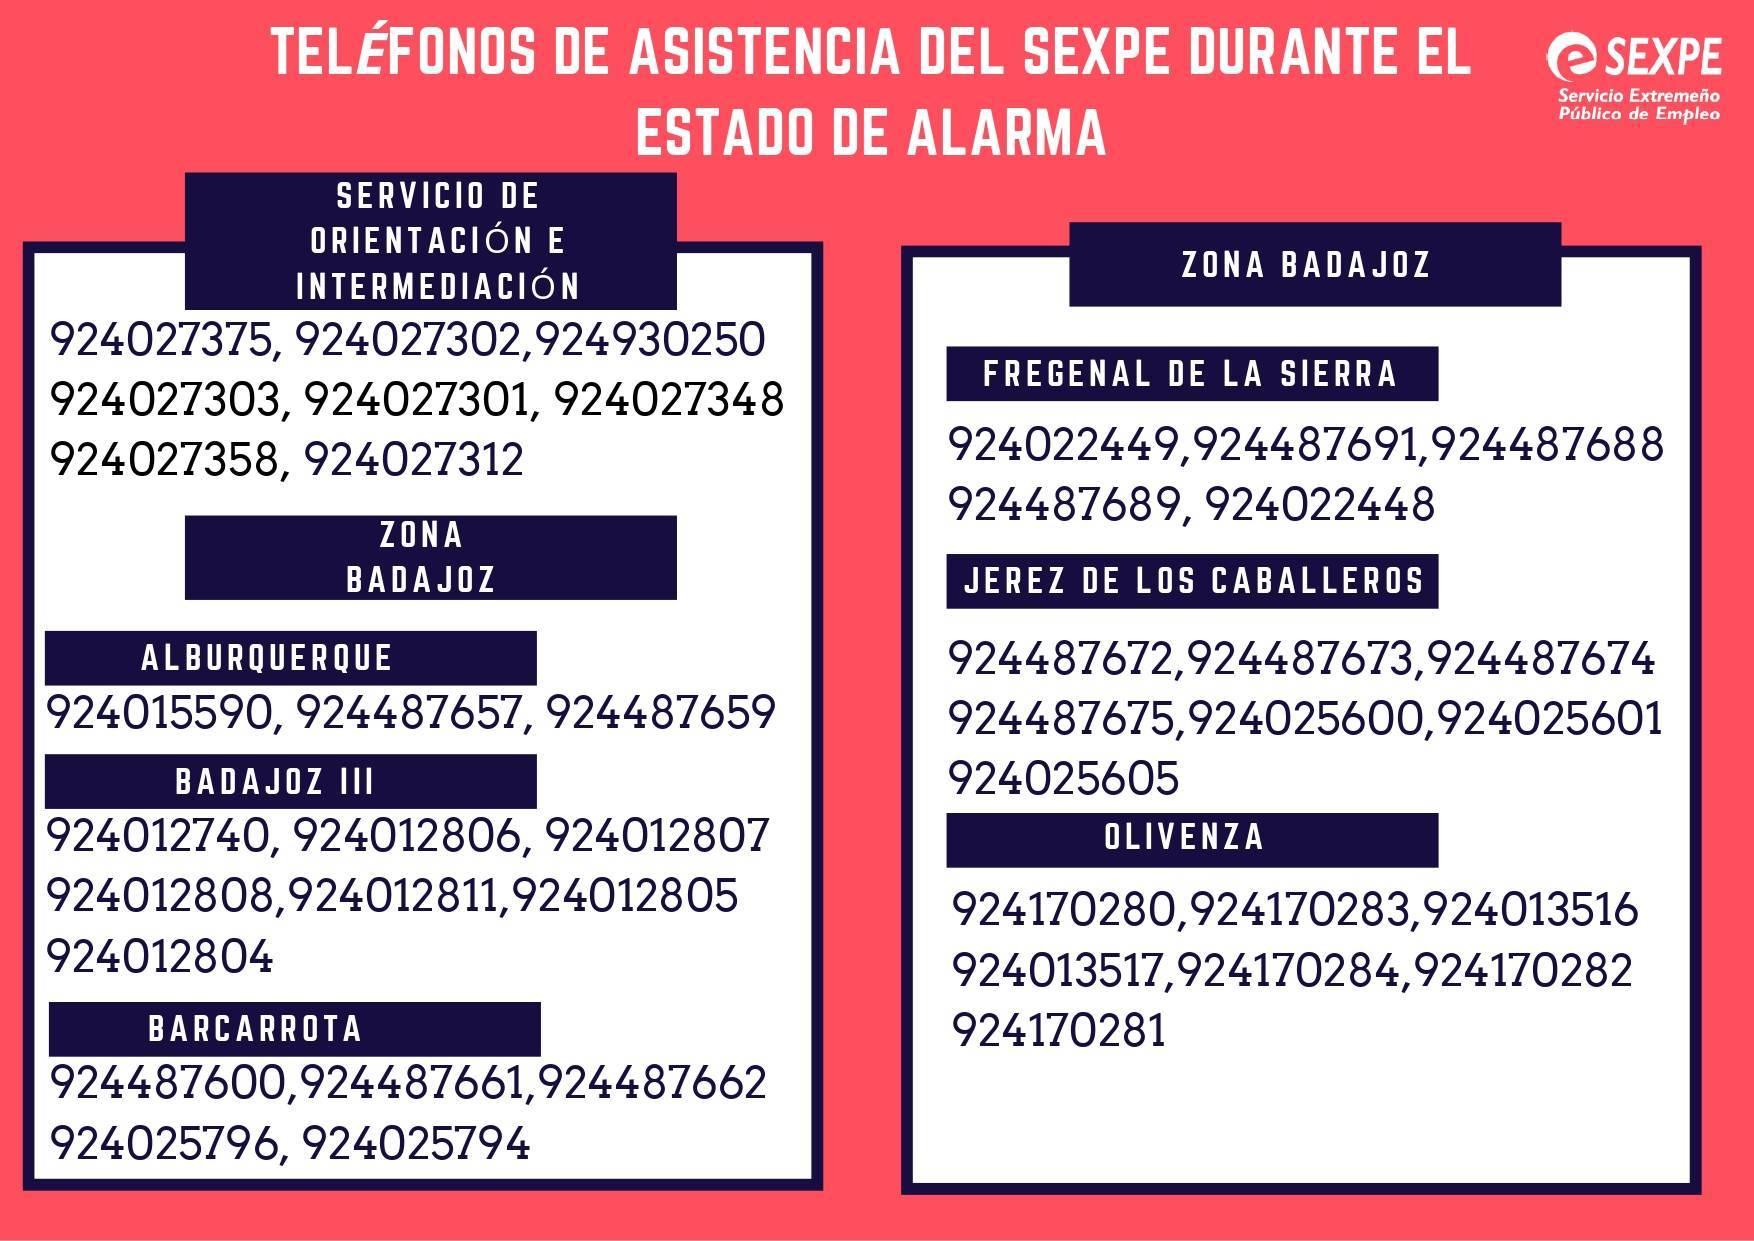 Teléfonos de asistencia del SEXPE durante el estado de alarma 2020 1